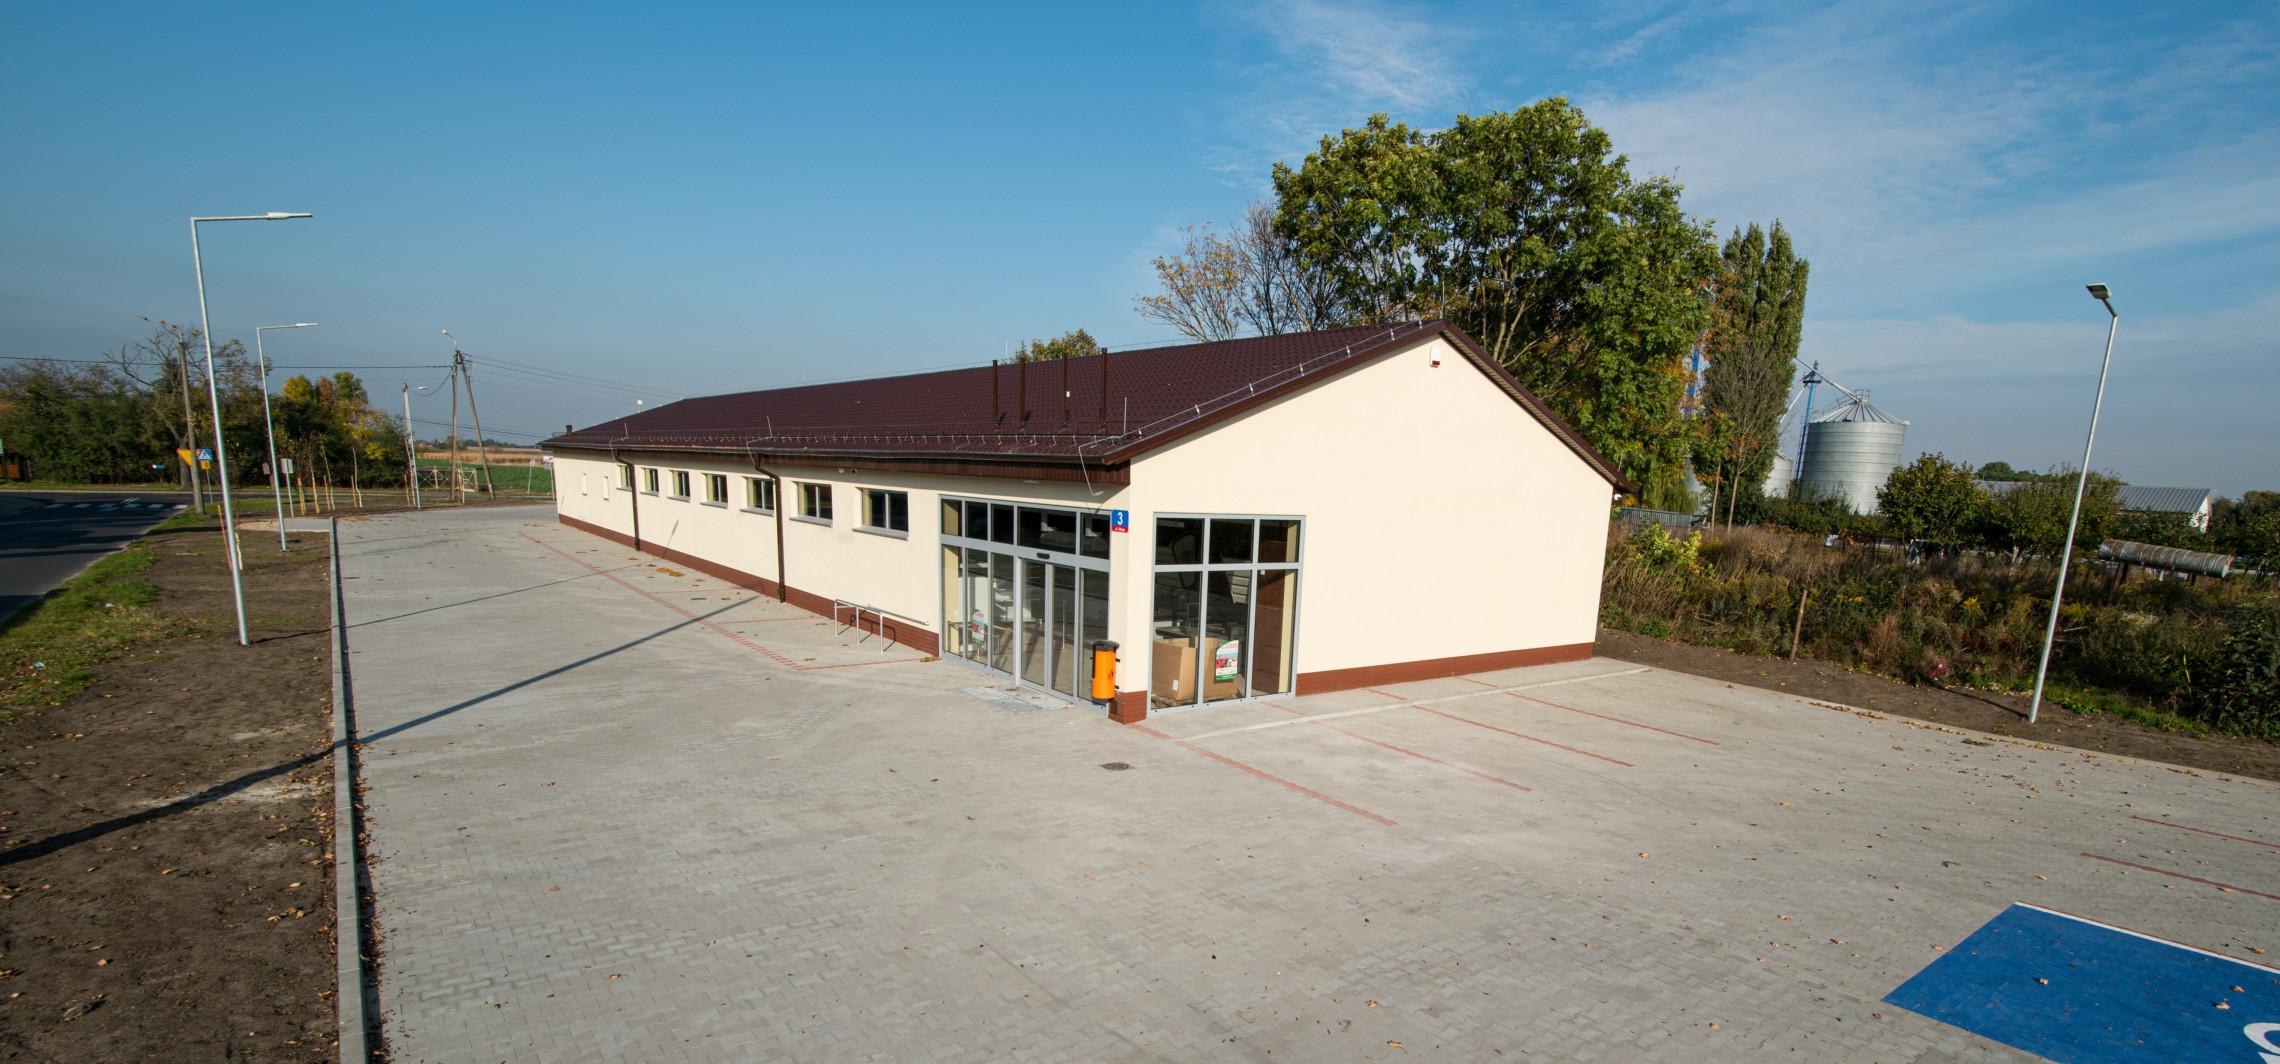 Inowrocław - Niemal codziennie otwierają nowy sklep. U nas też